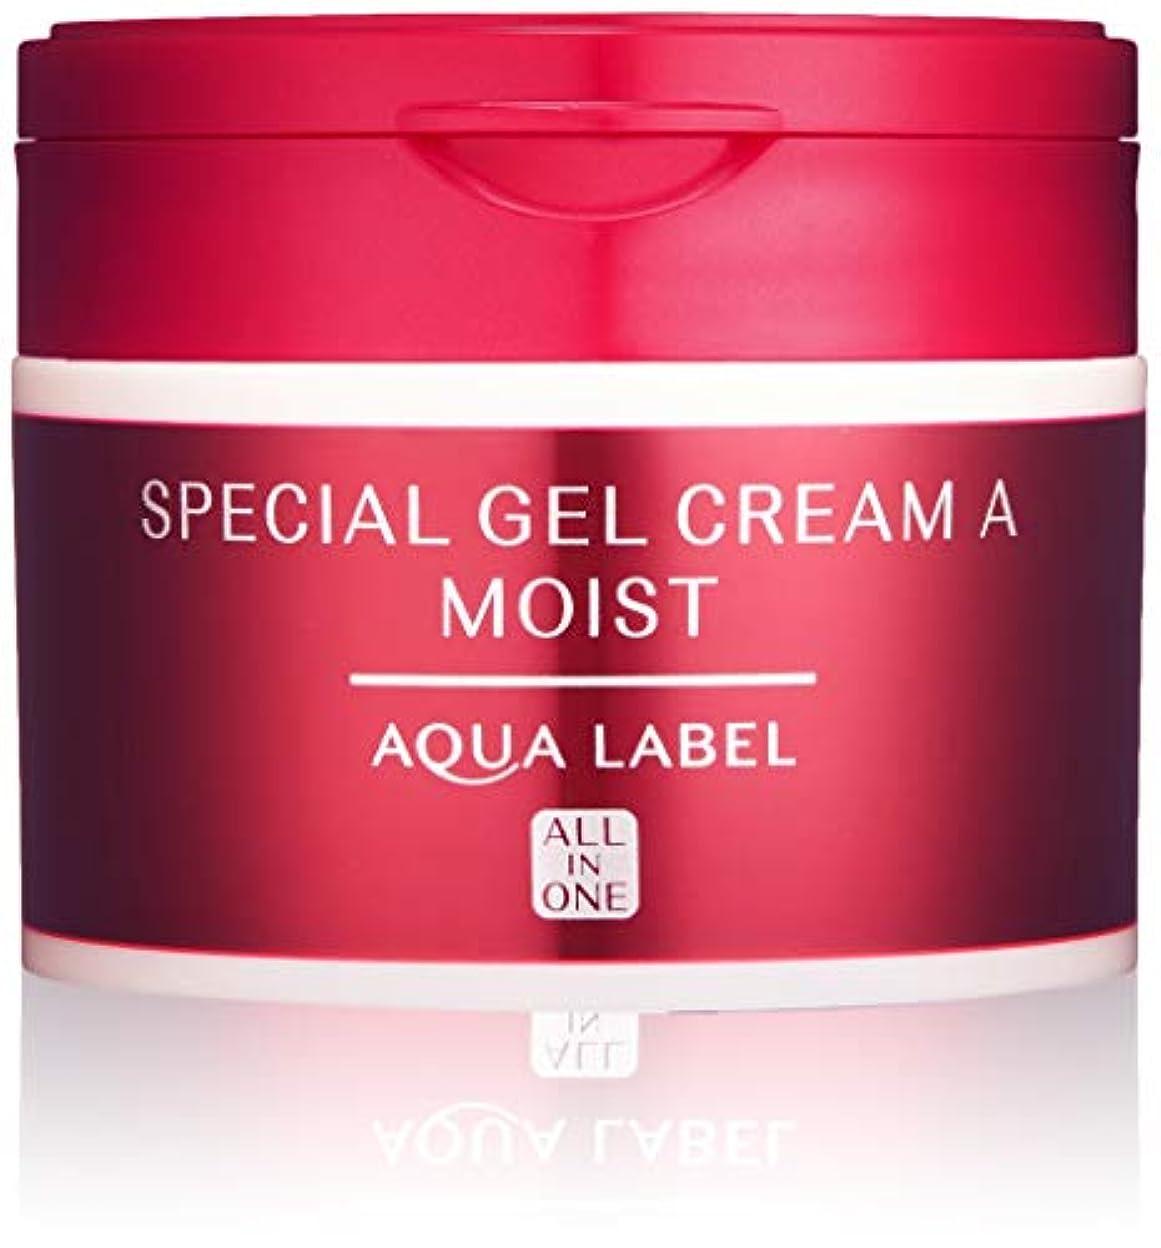 改善明日欲しいですAQUALABEL(アクアレーベル) アクアレーベル スペシャルジェルクリームA (モイスト) ハーバルローズの優しい香り 単品 90g